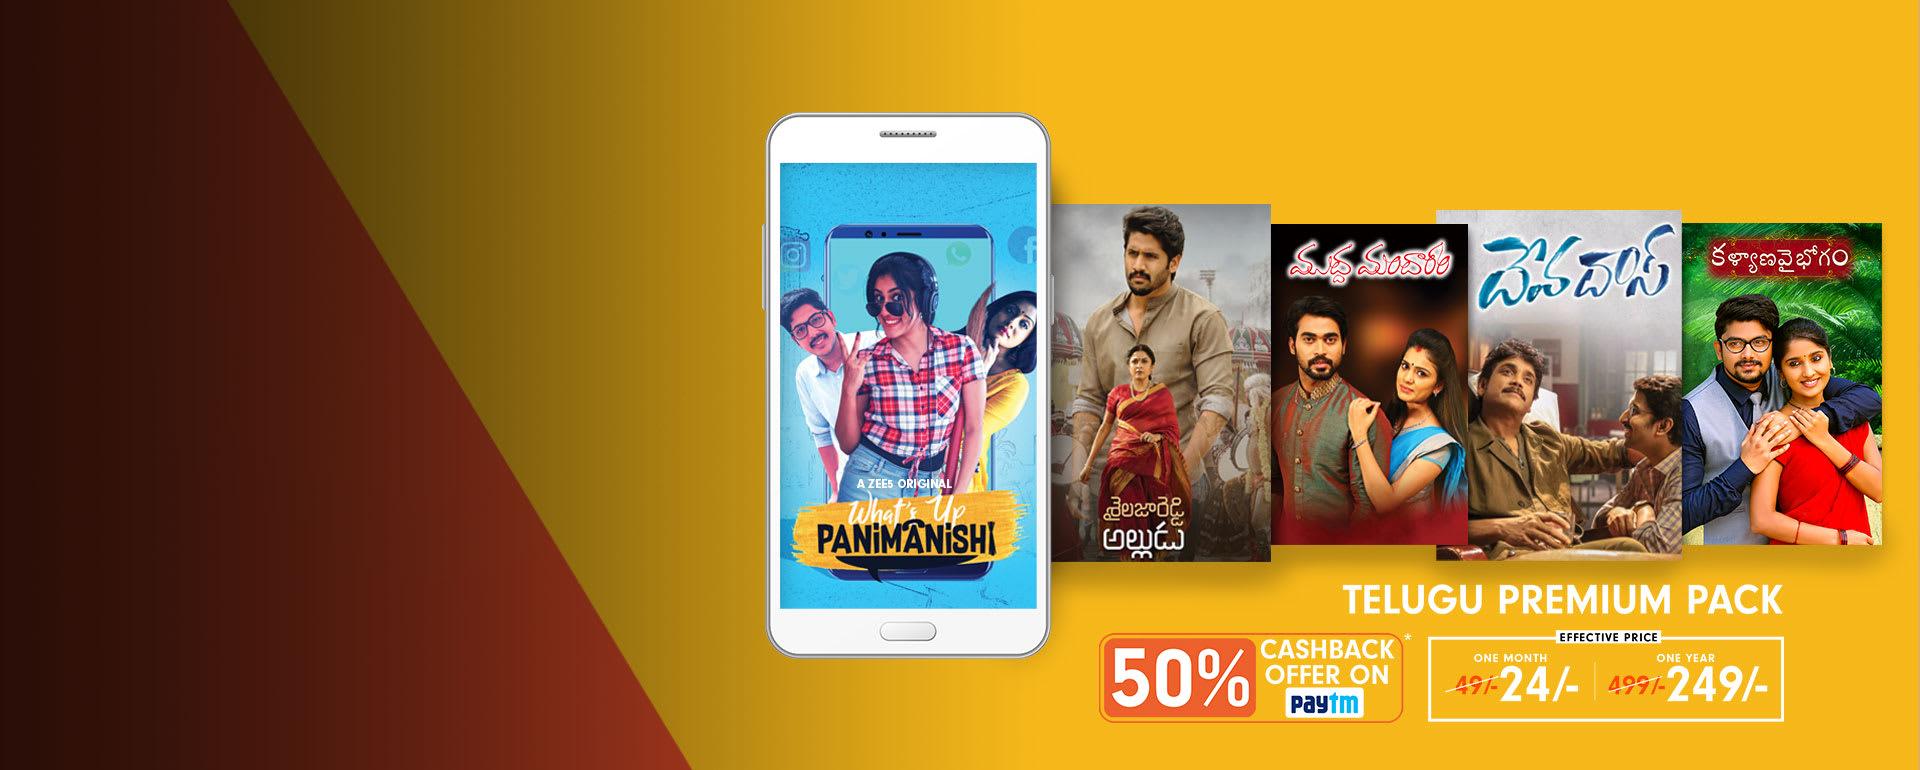 ZEE5 Telugu Premium Pack